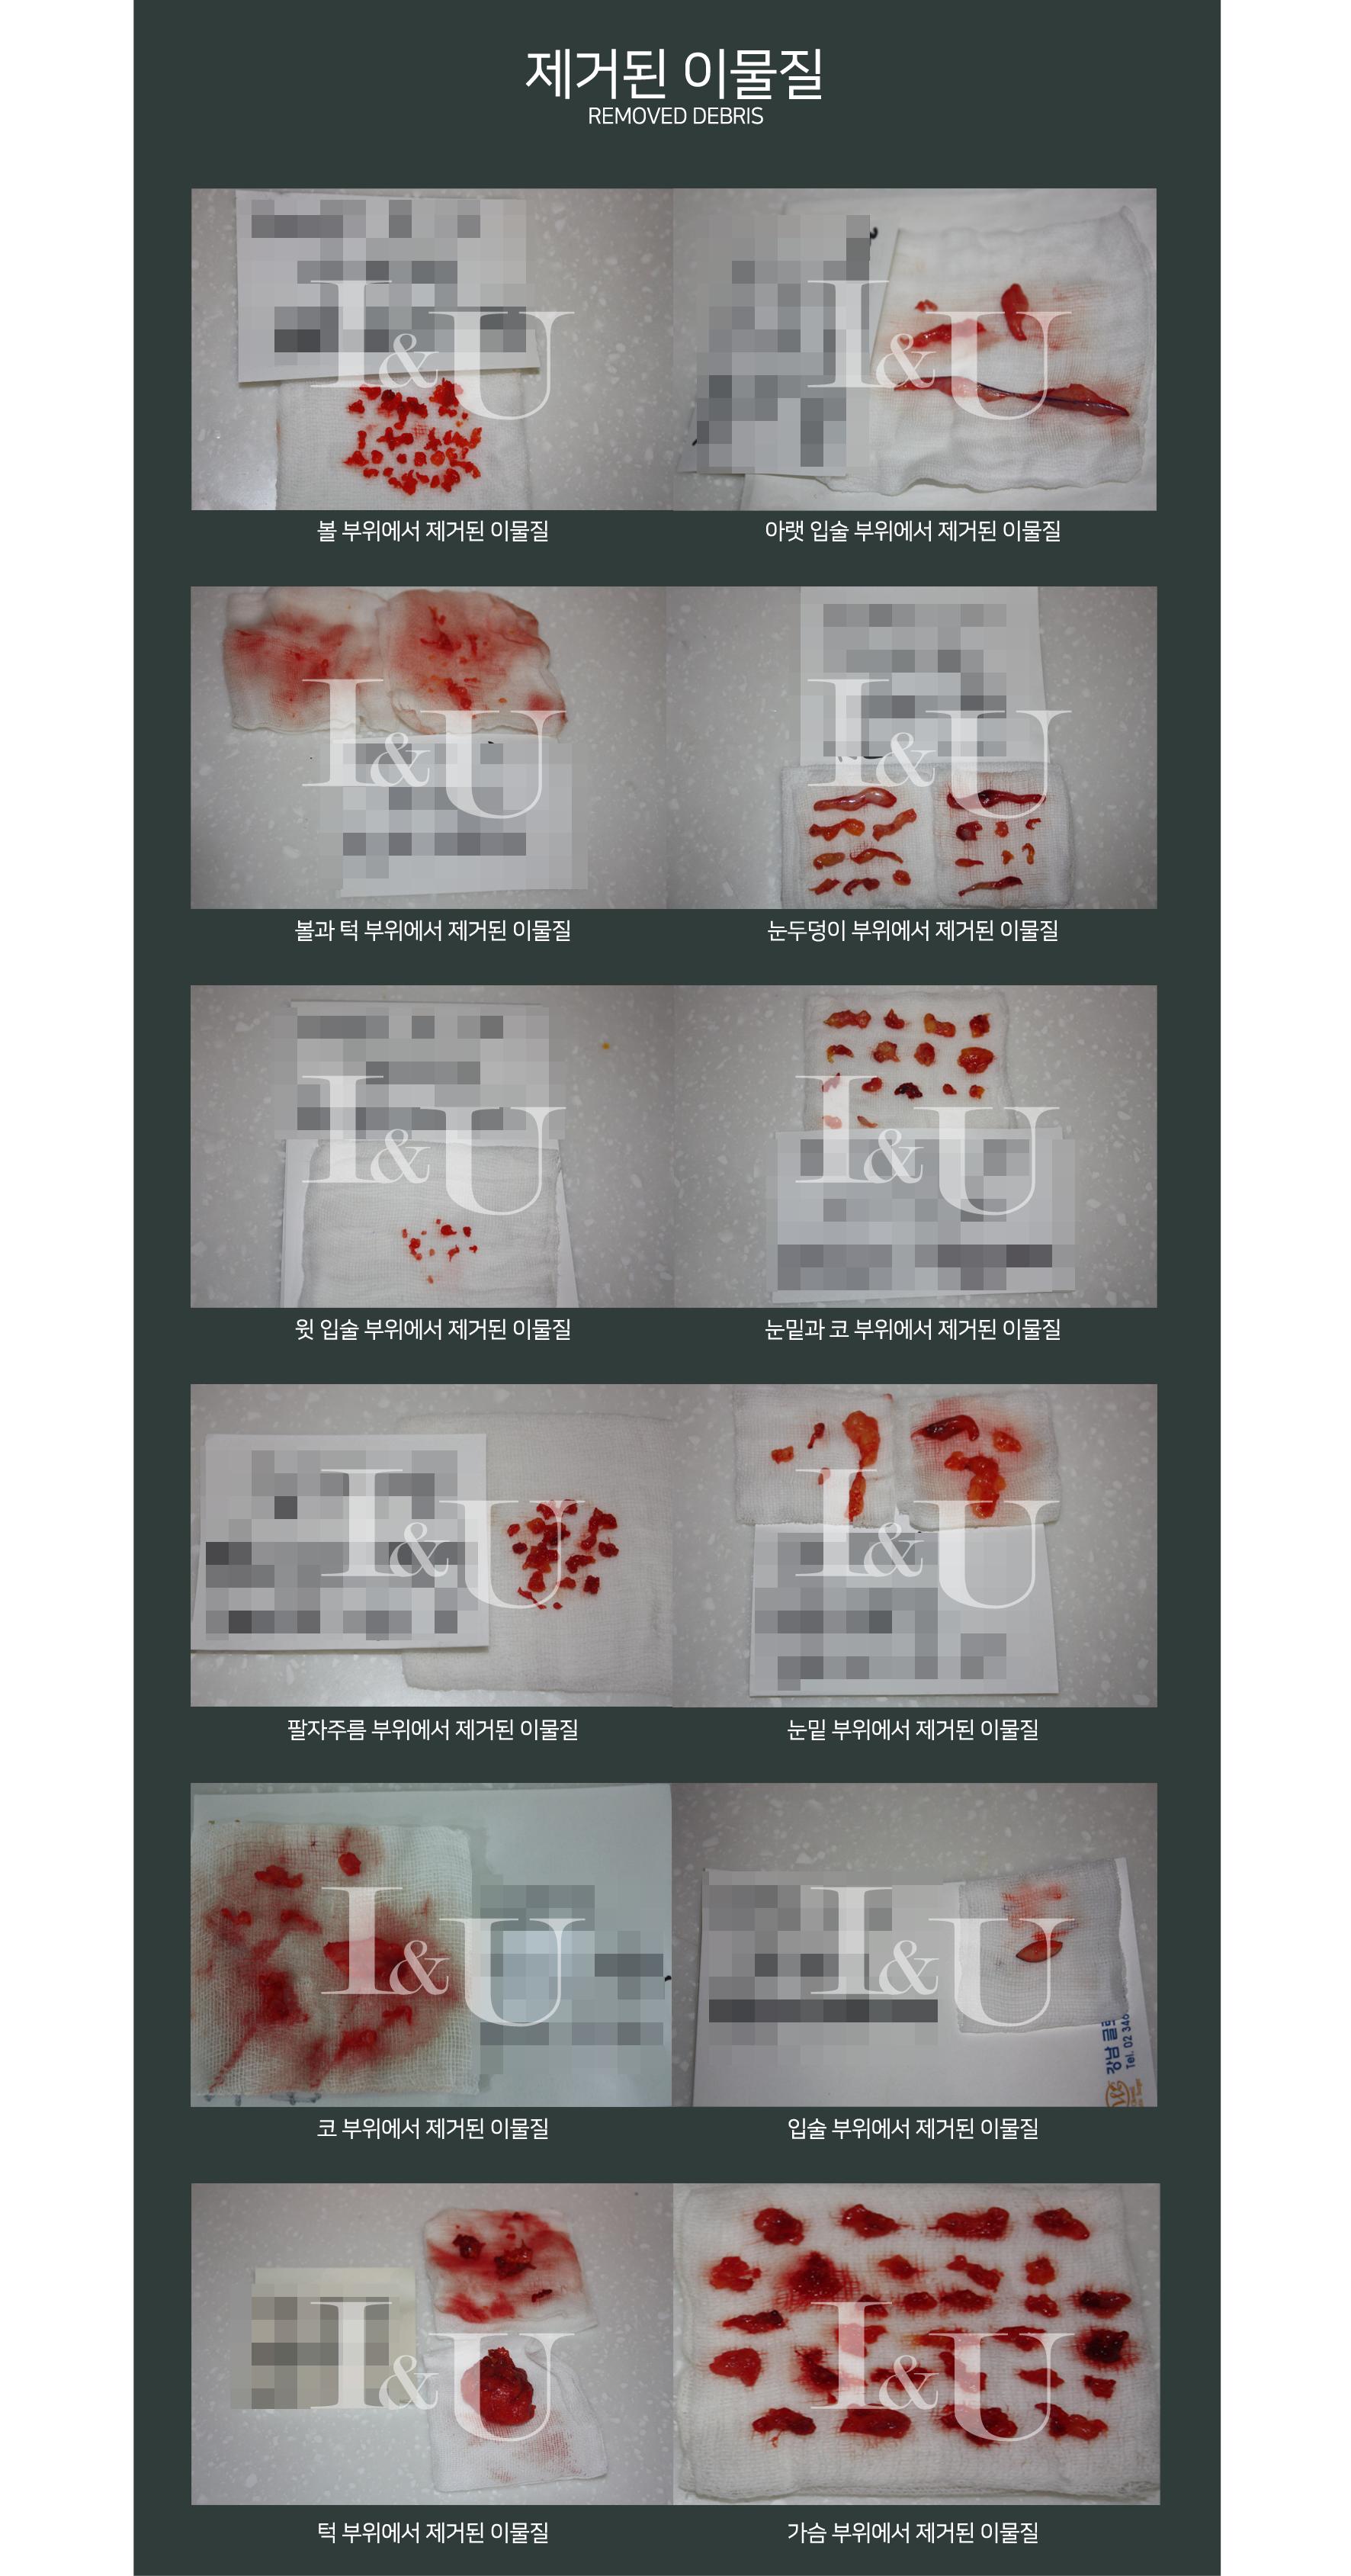 아이앤유성형외과, 이물질제거 전후사진